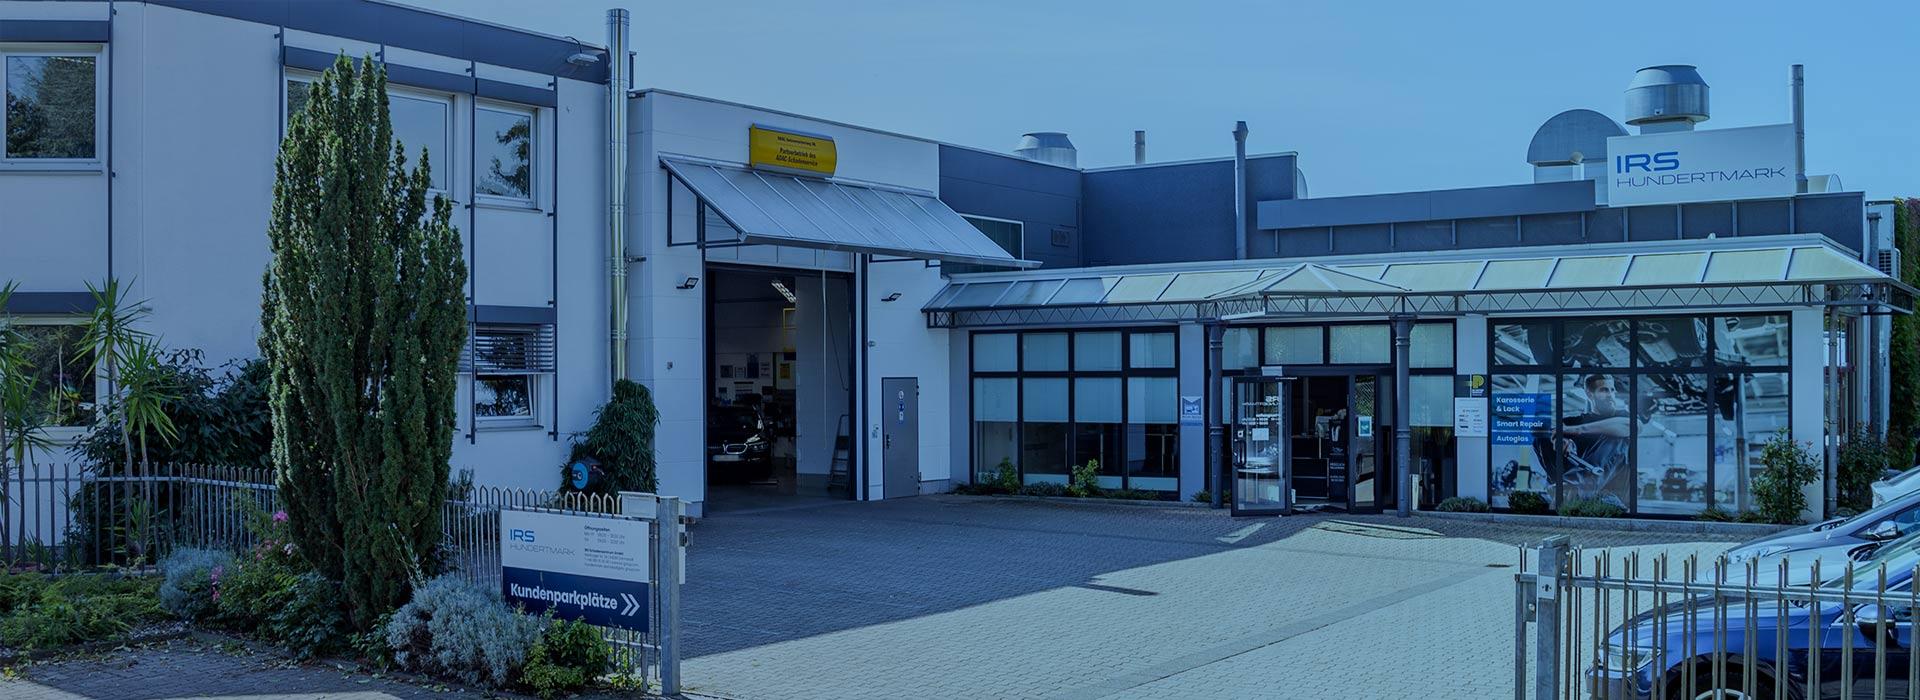 Kfz Werkstatt IRS Hundertmark